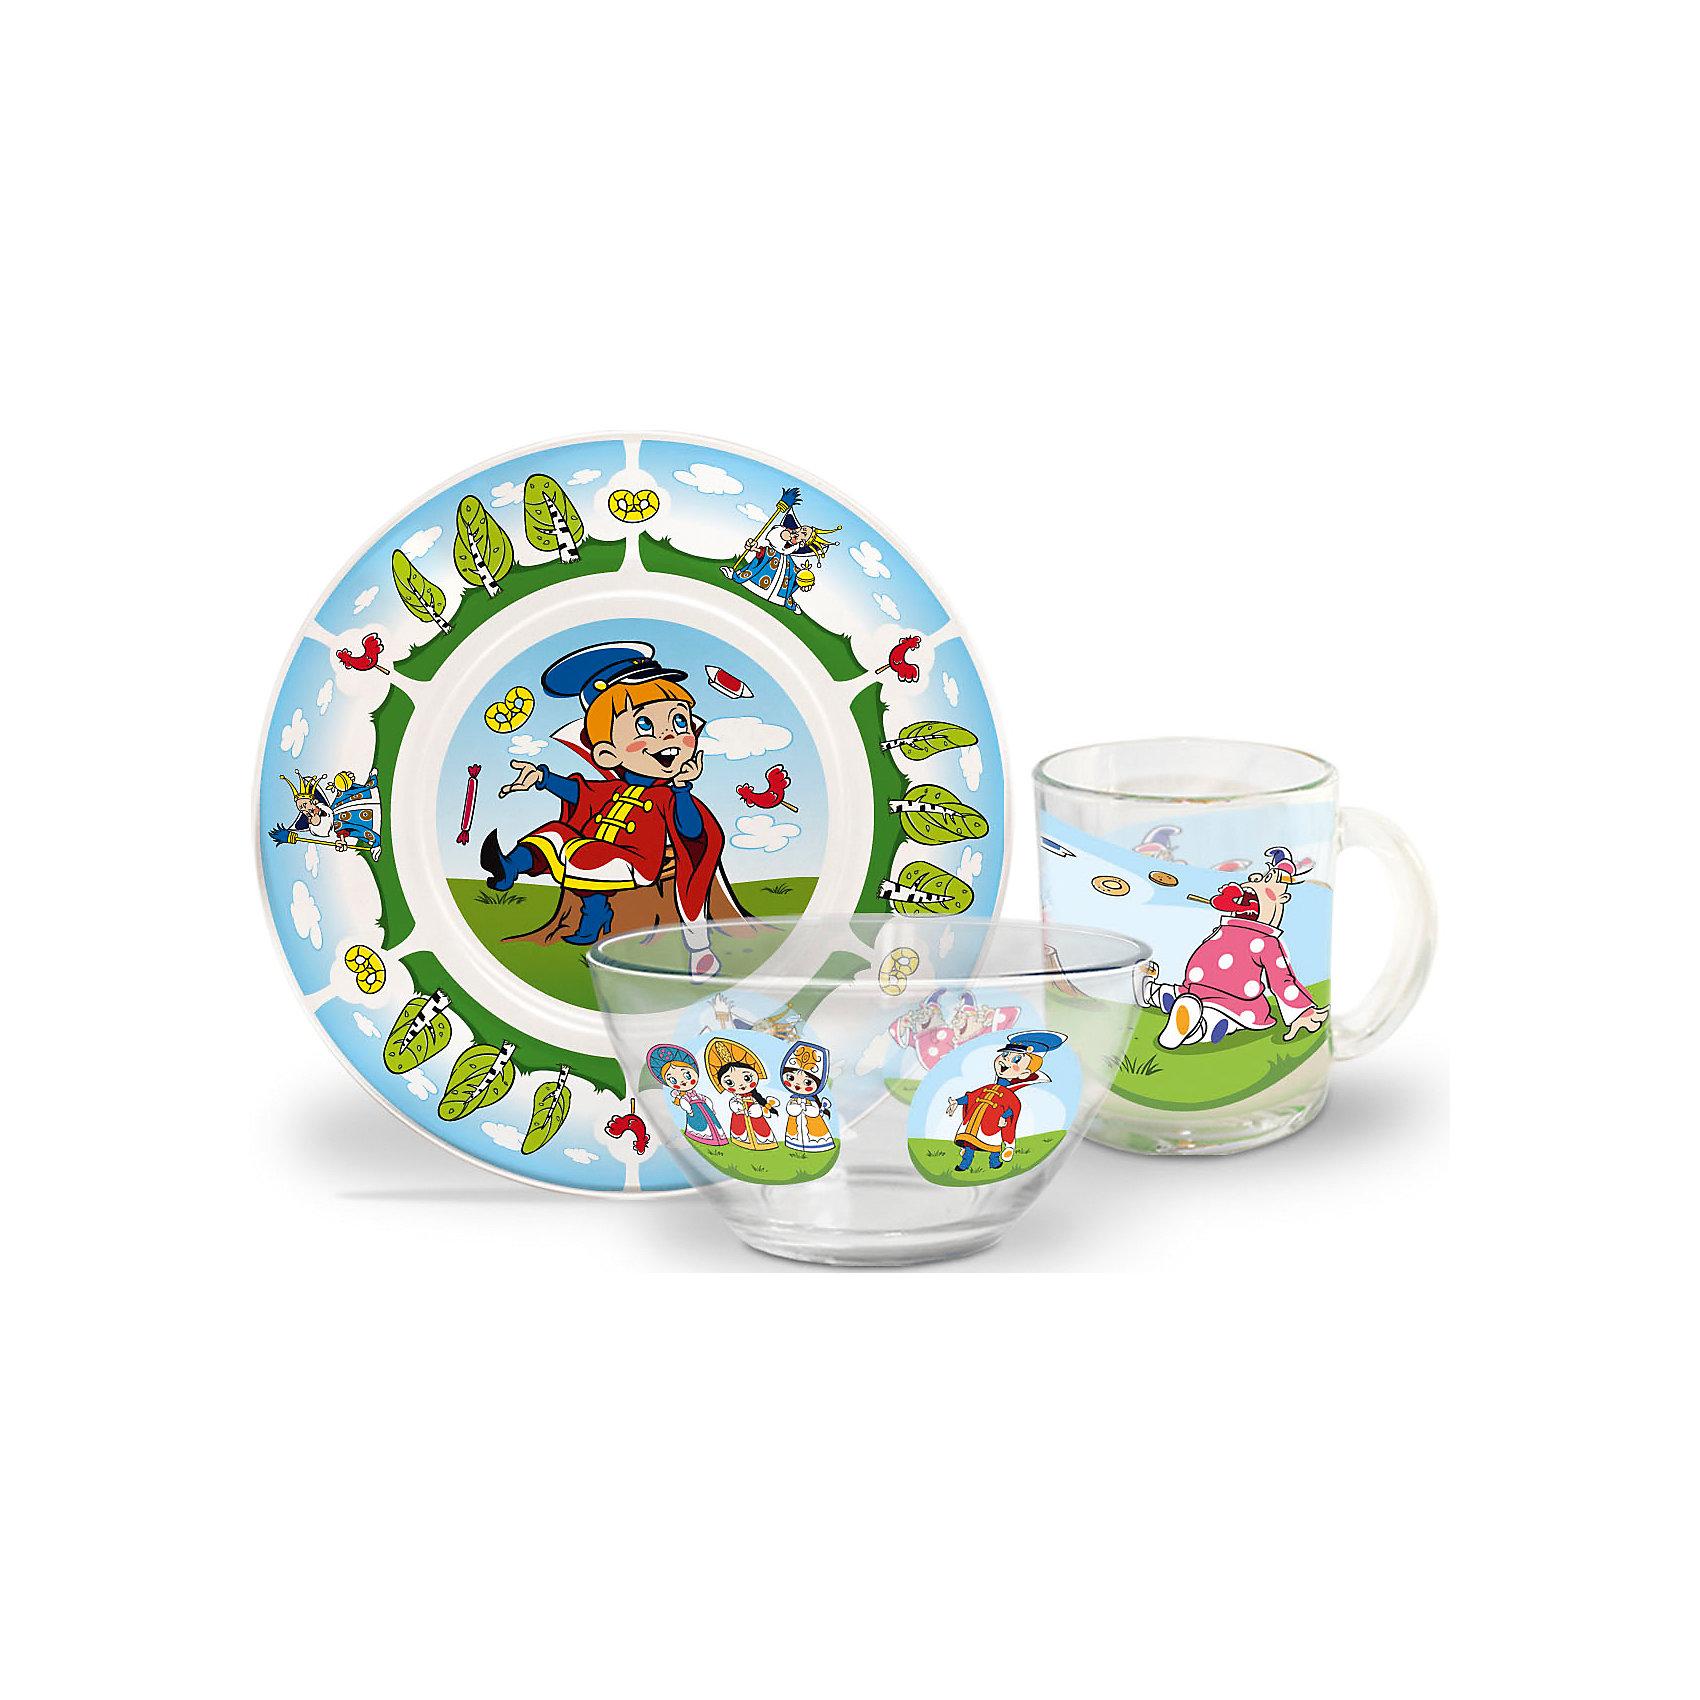 Набор посуды Вовка в тридевятом царстве (стекло, 3 предмета)Советские мультфильмы<br>Завтракать, обедать, ужинать с любимыми героями - приятнее и вкуснее! Набор посуды с изображением культовых и всем известных героев студии Союзмультфильм обязательно понравится детям! Набор состоит из кружки, плоской тарелки и салатника. Кружка среднего размера идеально подойдет для детских рук. Посуда выполнена из ударопрочного стекла, раскрашена стойкими гипоаллергенными красителями безопасными для детей. Яркий набор посуды станет прекрасным подарком на любой праздник. <br><br>Дополнительная информация:<br><br>- Материал: стекло.<br>- Комплектация, 3 предмета: кружка, салатник, плоская тарелка. <br>- Размер: салатник, d - 13 см, тарелка, d - 20 см.<br>- Объем кружки: 200 мл.<br>- Размер упаковки: 20х20х10 см.<br>- Можно мыть в посудомоечной машине.<br><br>Набор посуды Вовка в тридевятом царстве (стекло, 3 предмета), можно купить в нашем магазине.<br><br>Ширина мм: 200<br>Глубина мм: 200<br>Высота мм: 95<br>Вес г: 930<br>Возраст от месяцев: 36<br>Возраст до месяцев: 108<br>Пол: Унисекс<br>Возраст: Детский<br>SKU: 4536279